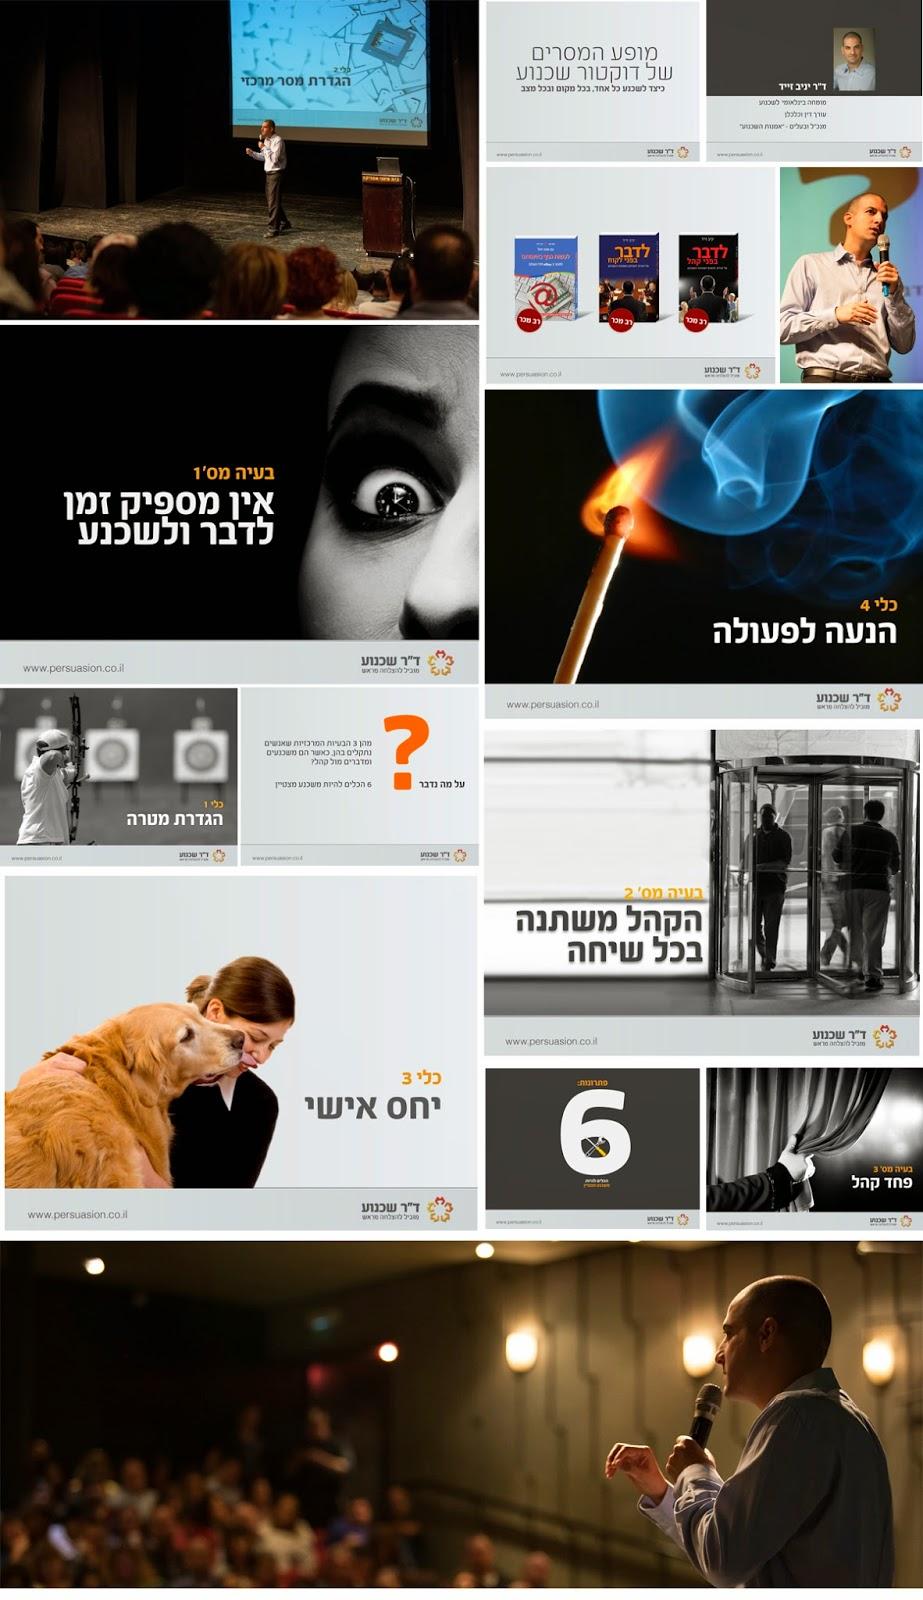 עיצוב למצגת |  |  רון ידלין מעצב גרפי